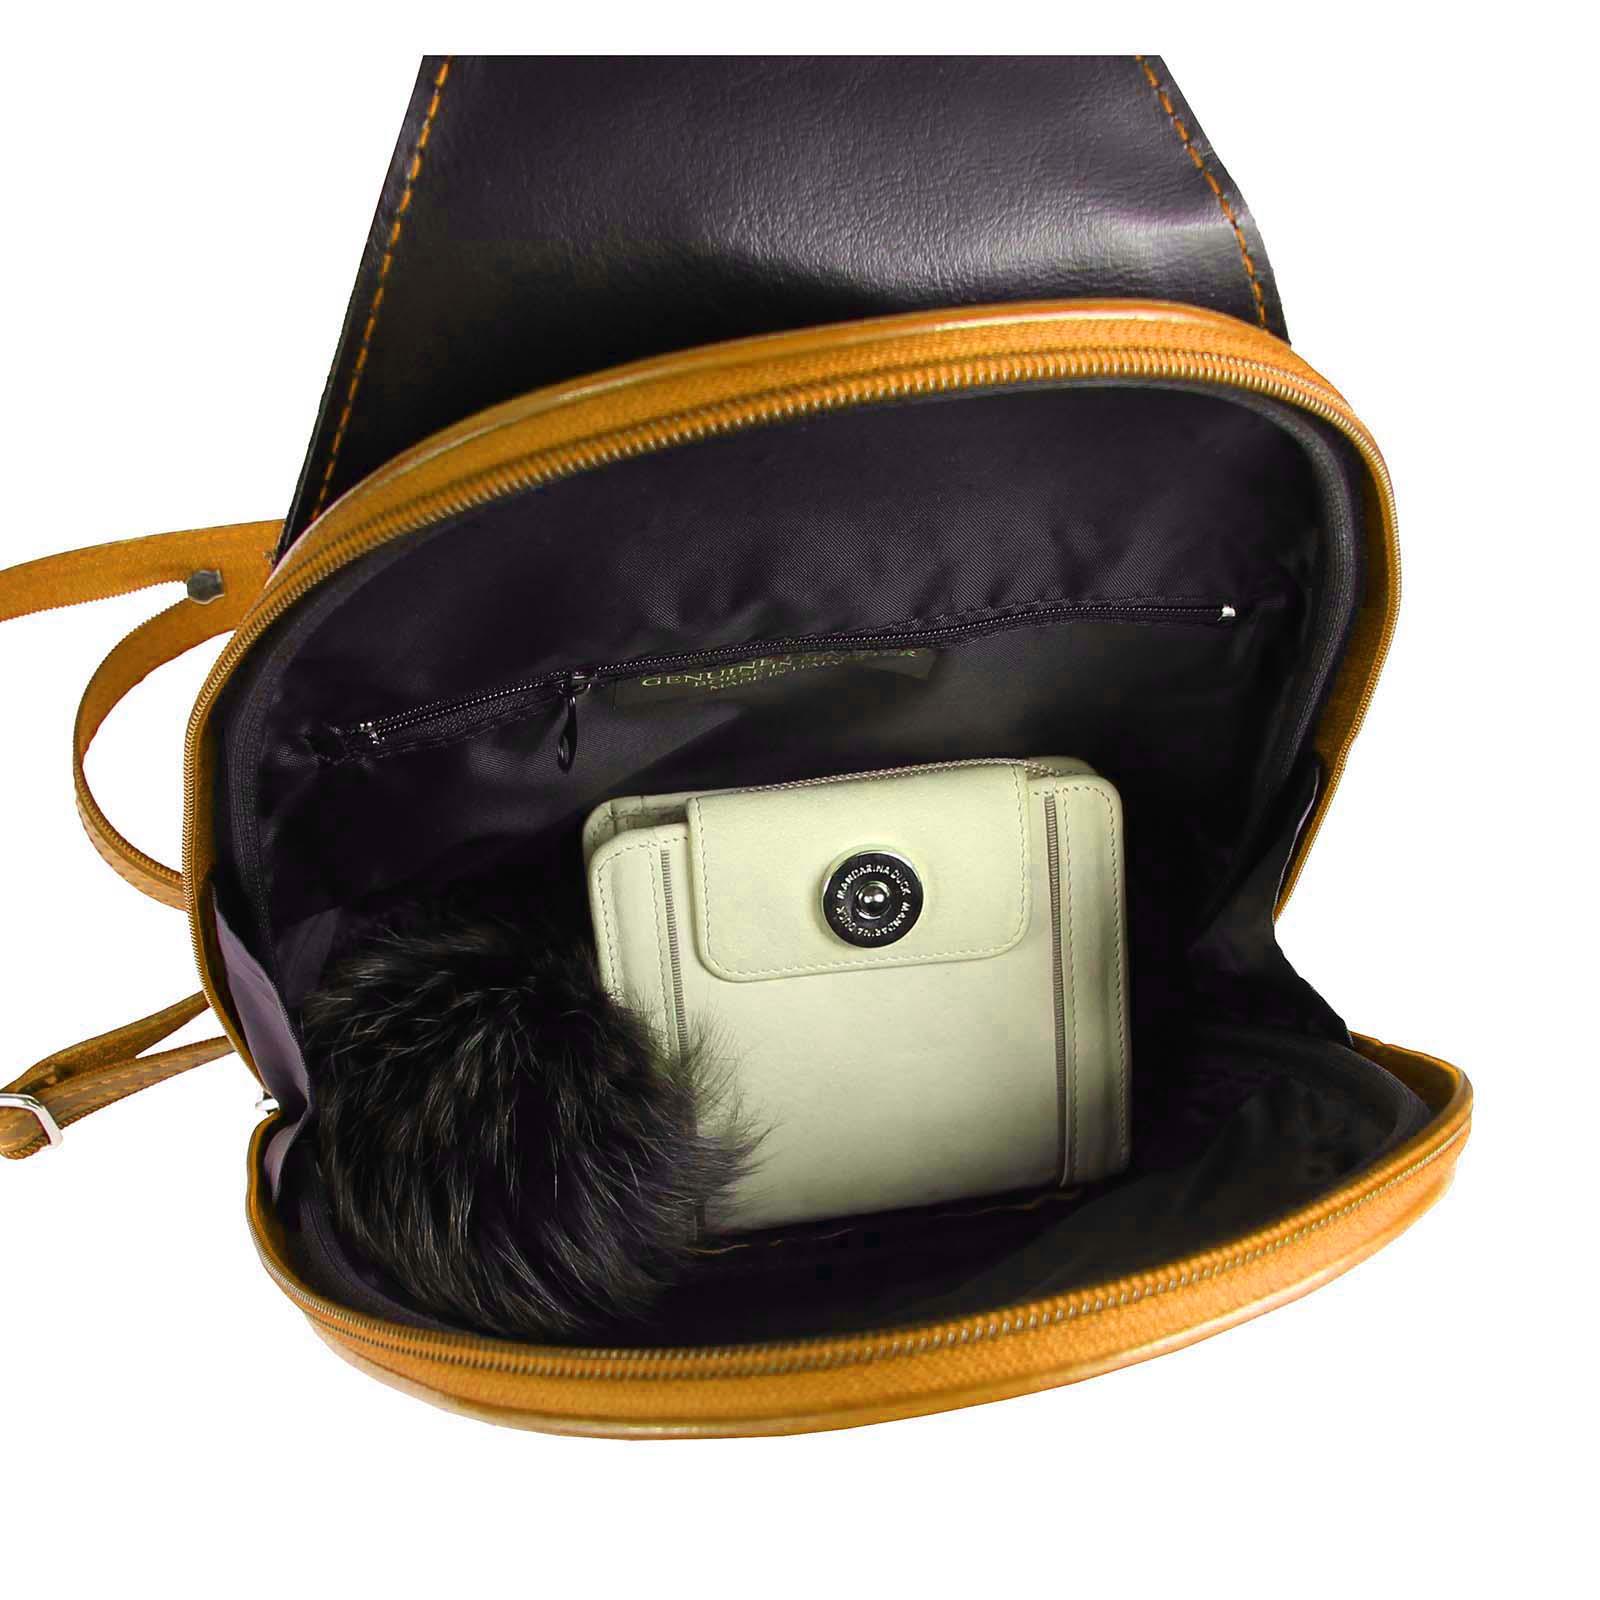 ITALY-DAMEN-LEDER-RUCKSACK-Schulter-Tasche-Reise-BACKPACK-Lederrucksack-it-BAG Indexbild 78